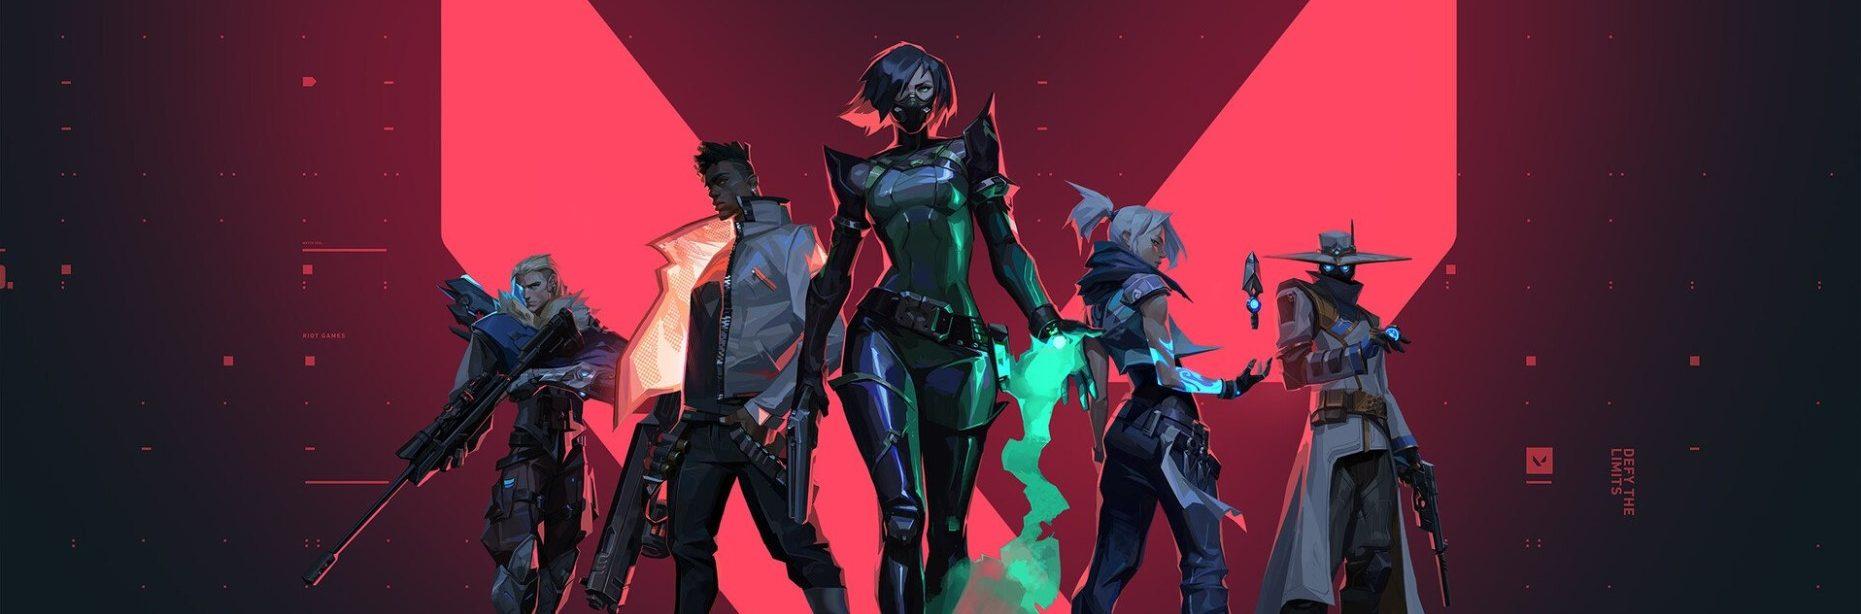 Algunos personajes disponibles dentro de Valorant.